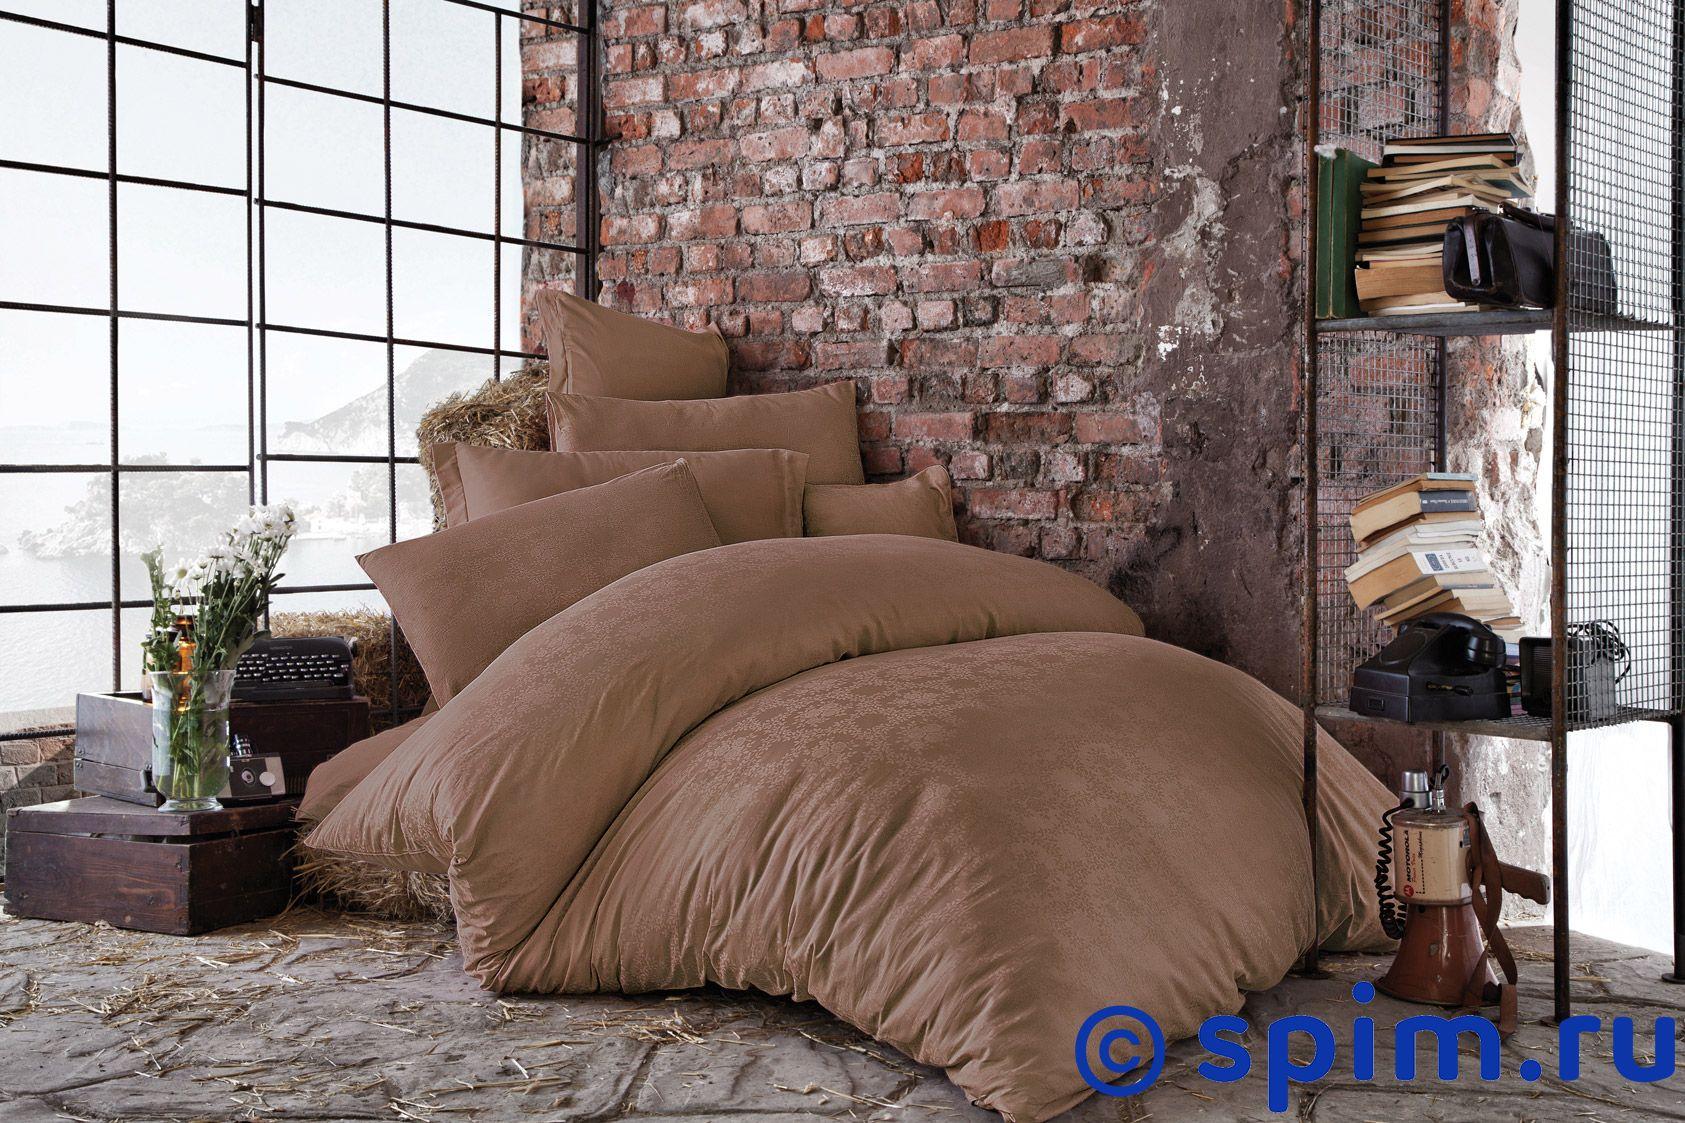 Постельное белье Issimo Bertha Евро-стандарт постельное белье issimo soho евро стандарт